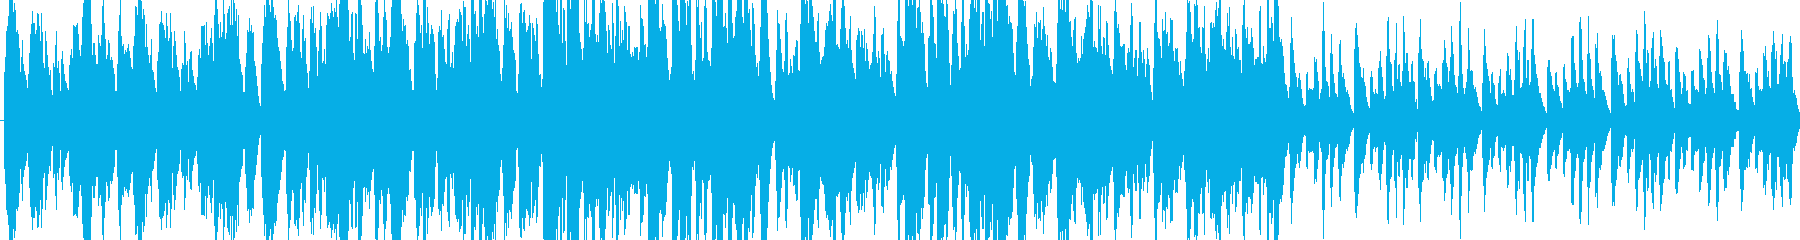 動画用ほのぼのループBGMの再生済みの波形